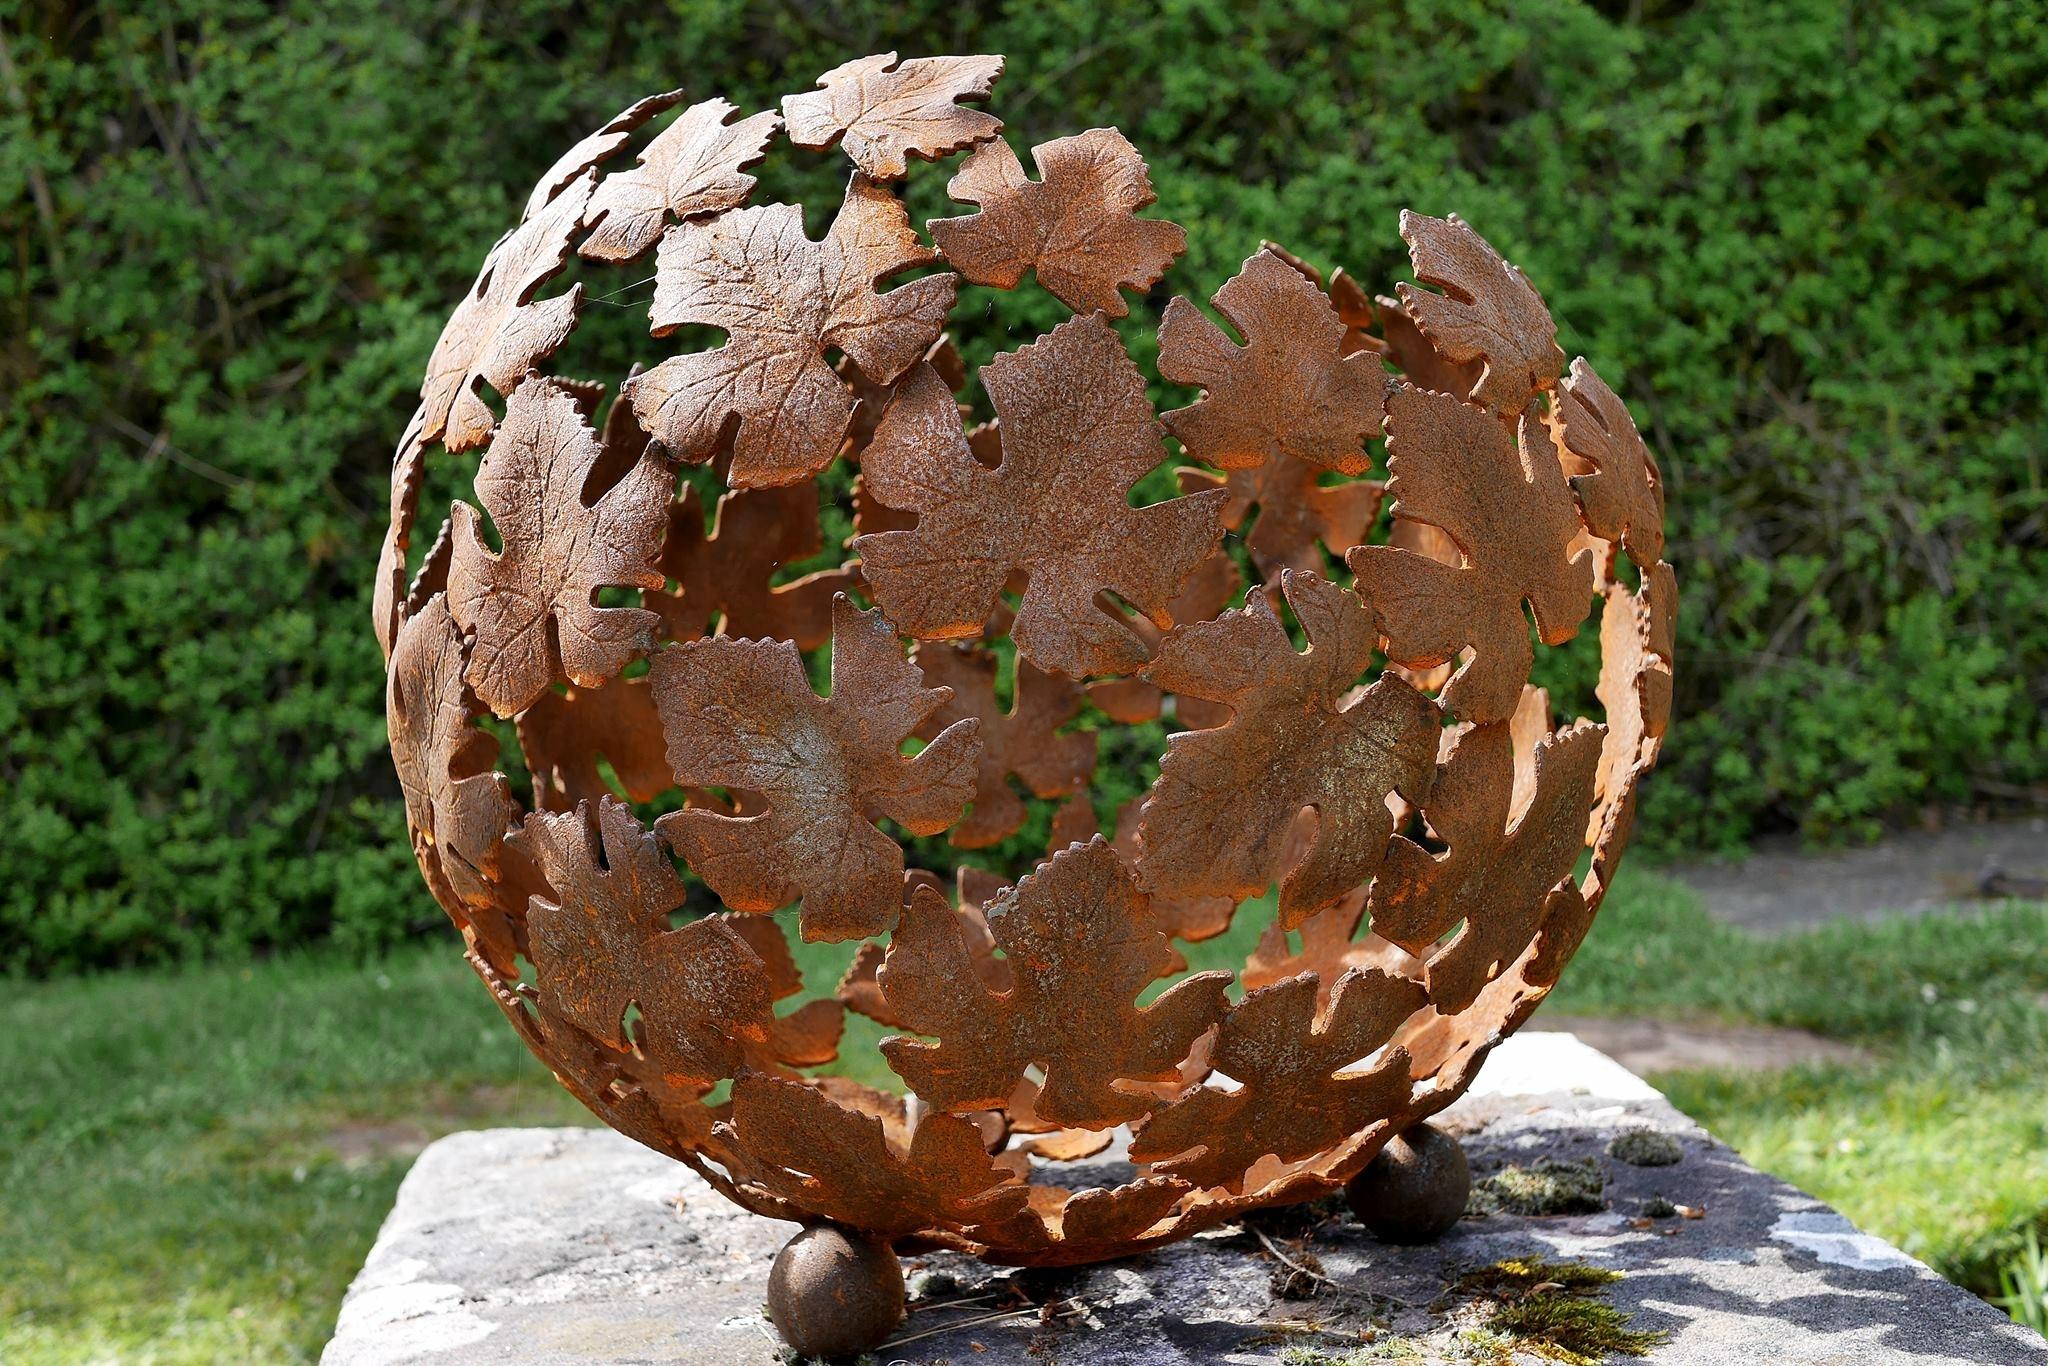 Large Leaf Bowl